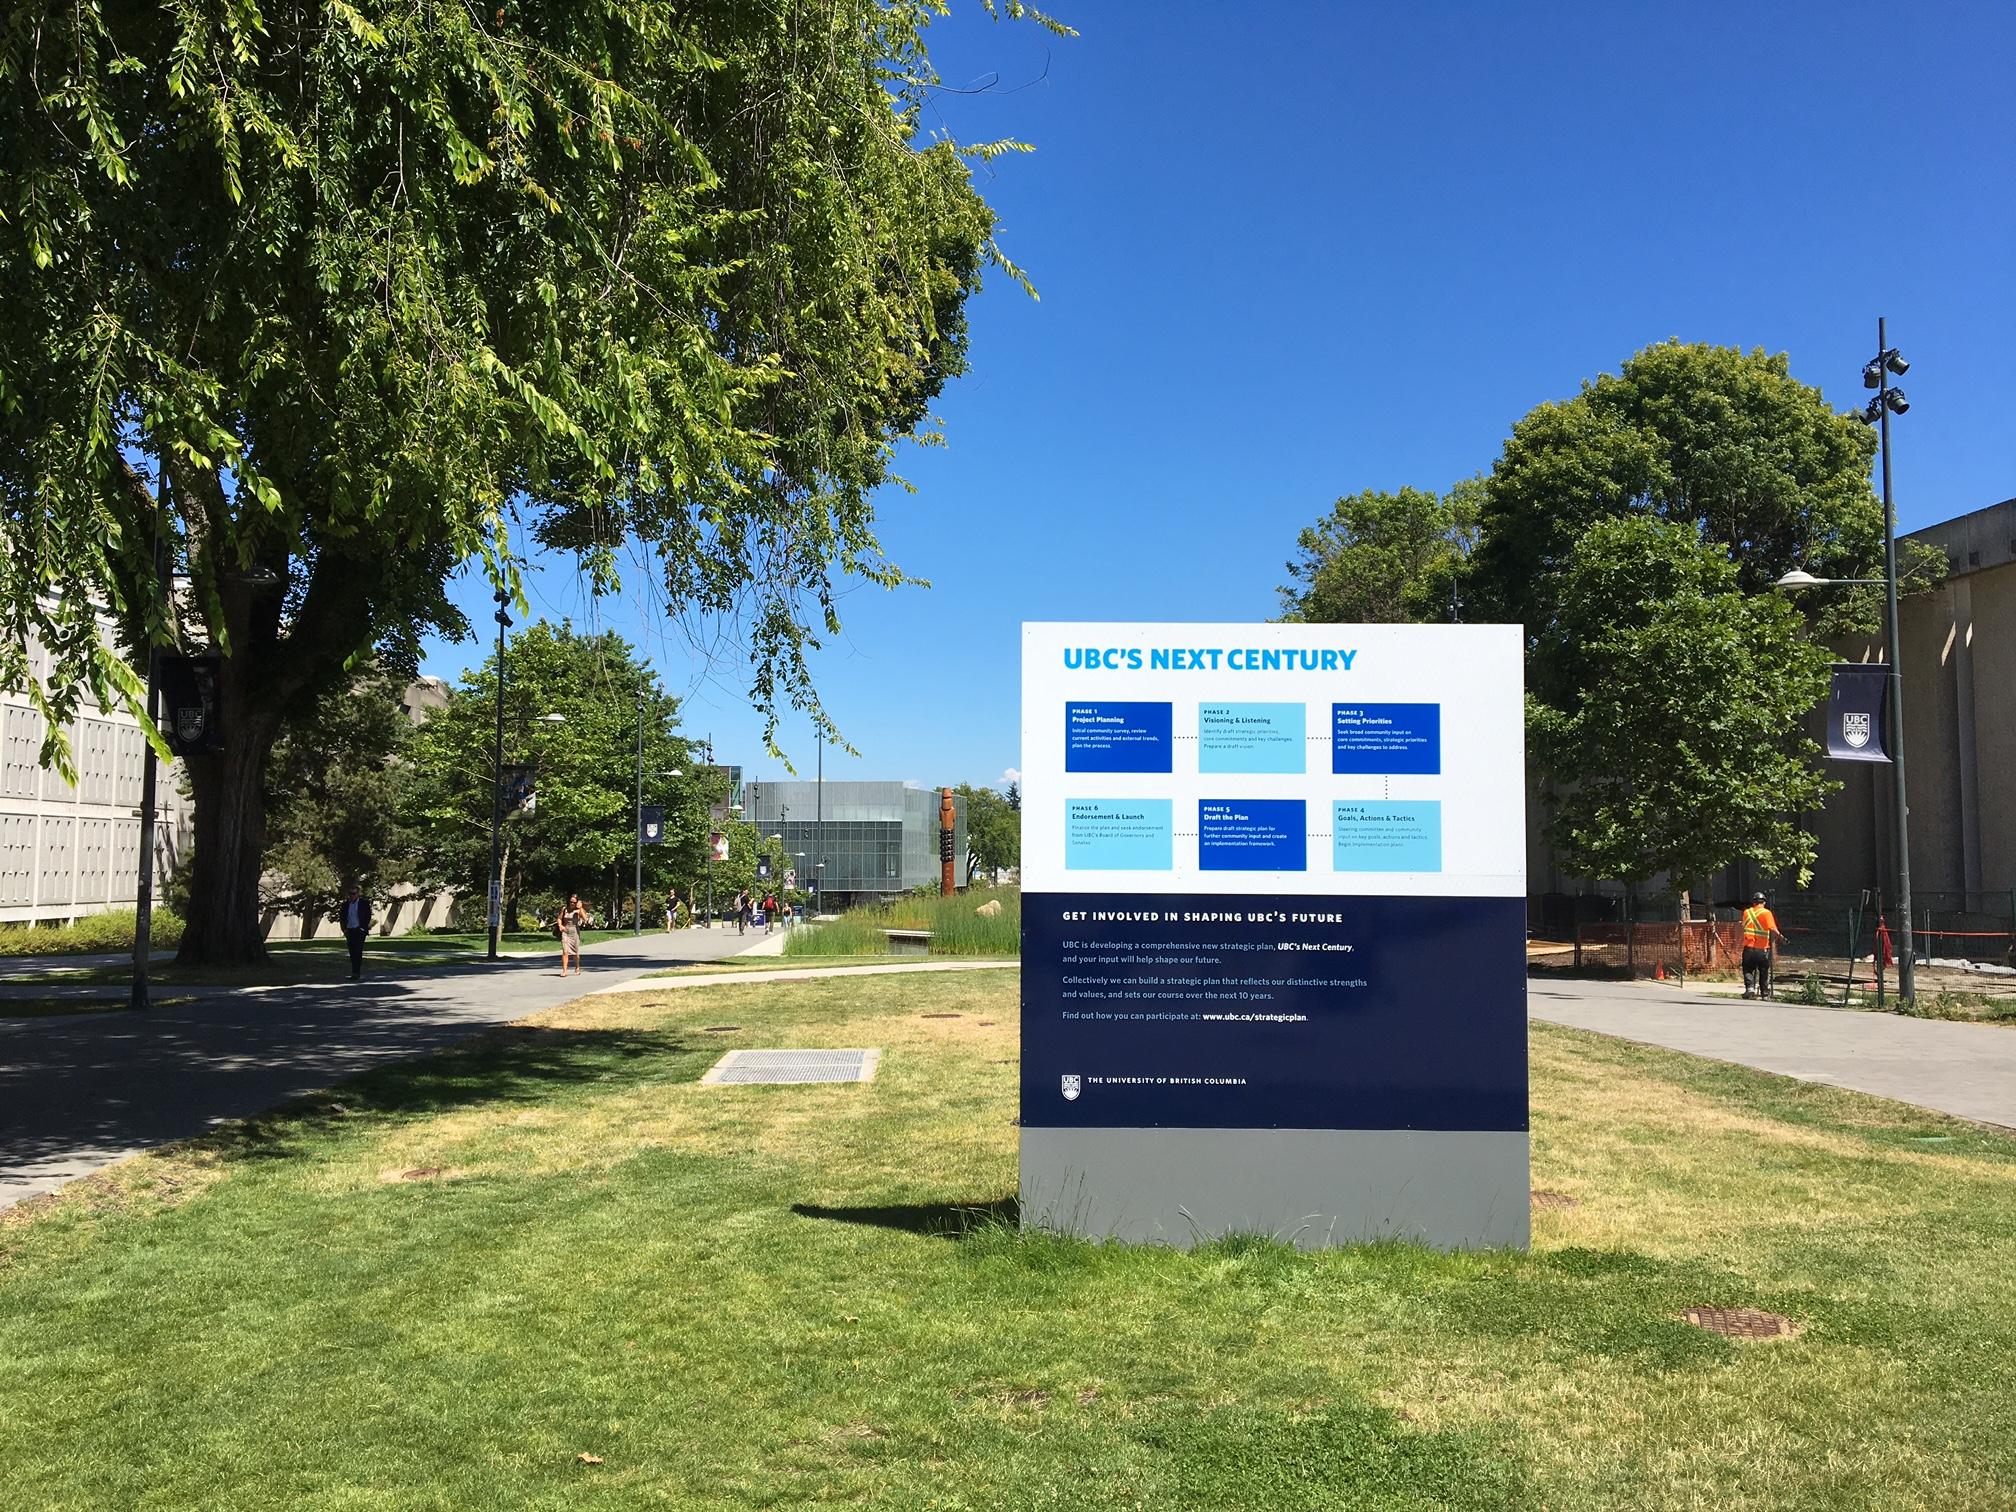 Signage for UBC's Next Century